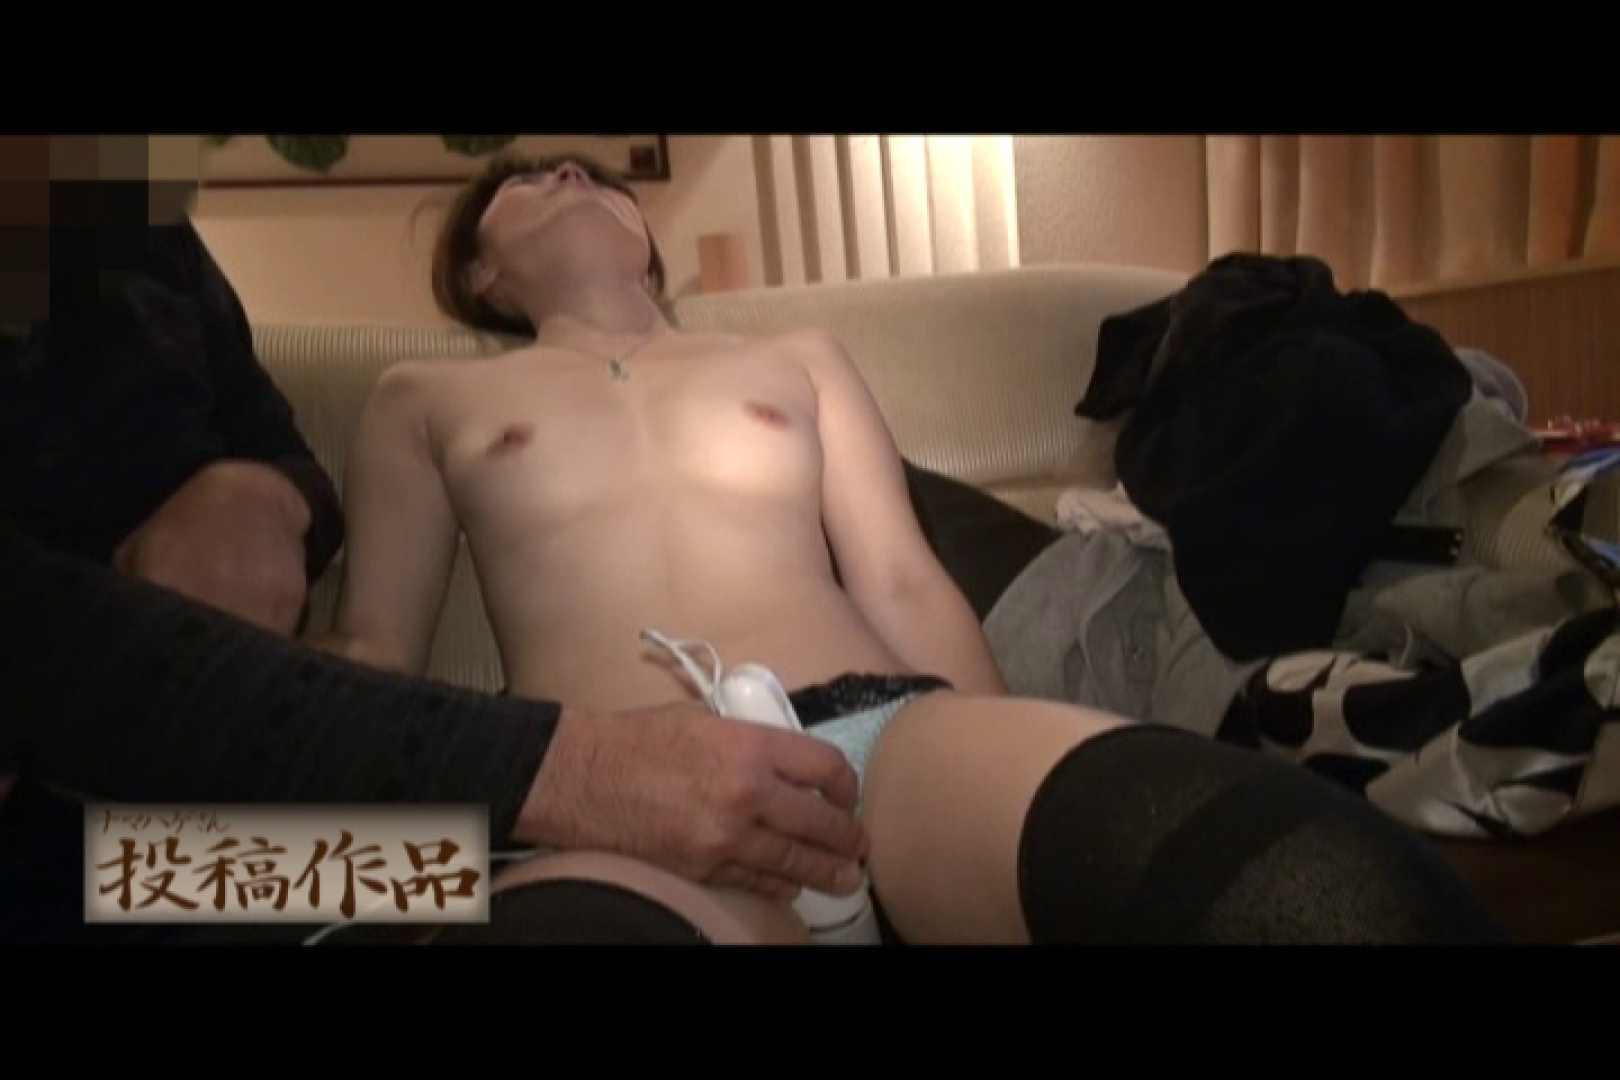 ナマハゲさんのまんこコレクション sakura 盗撮エロすぎ   熟女  34連発 15